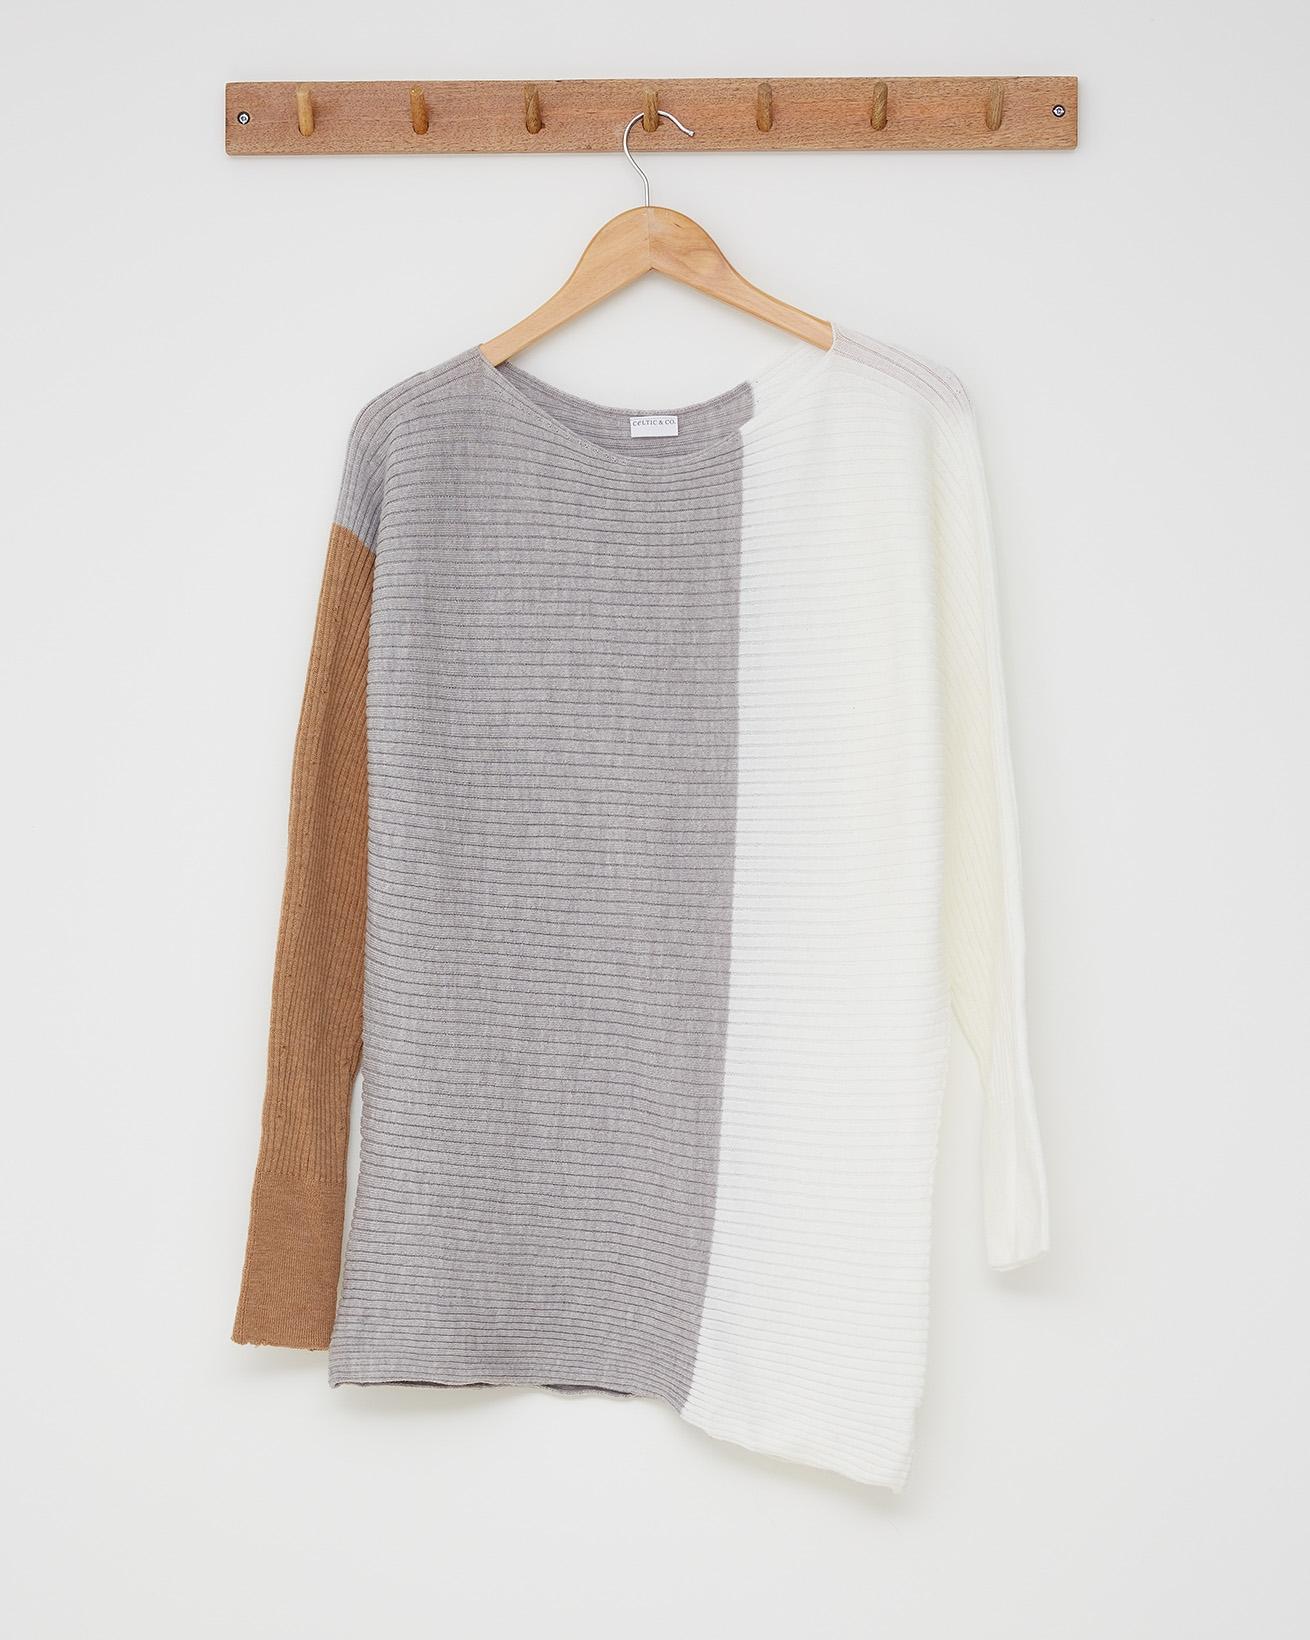 Colourblock tunic - Size Small - Milk, silver, camel - 2590